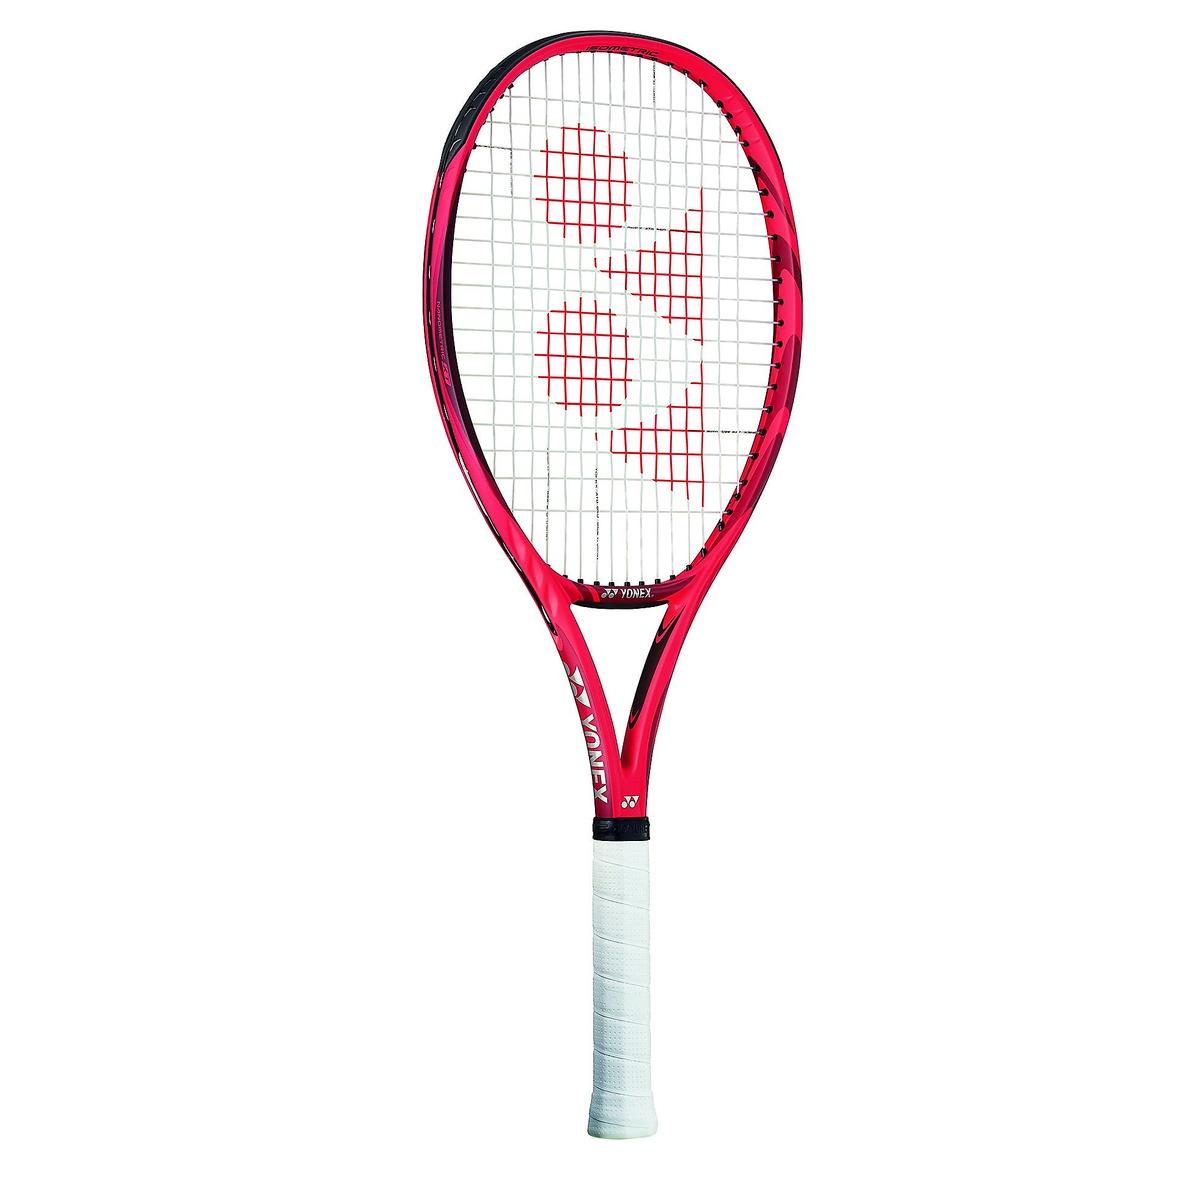 【送料無料】 YONEX (ヨネックス) 【フレームのみ】テニス フレームラケット Vコア エリート 18VCE 596